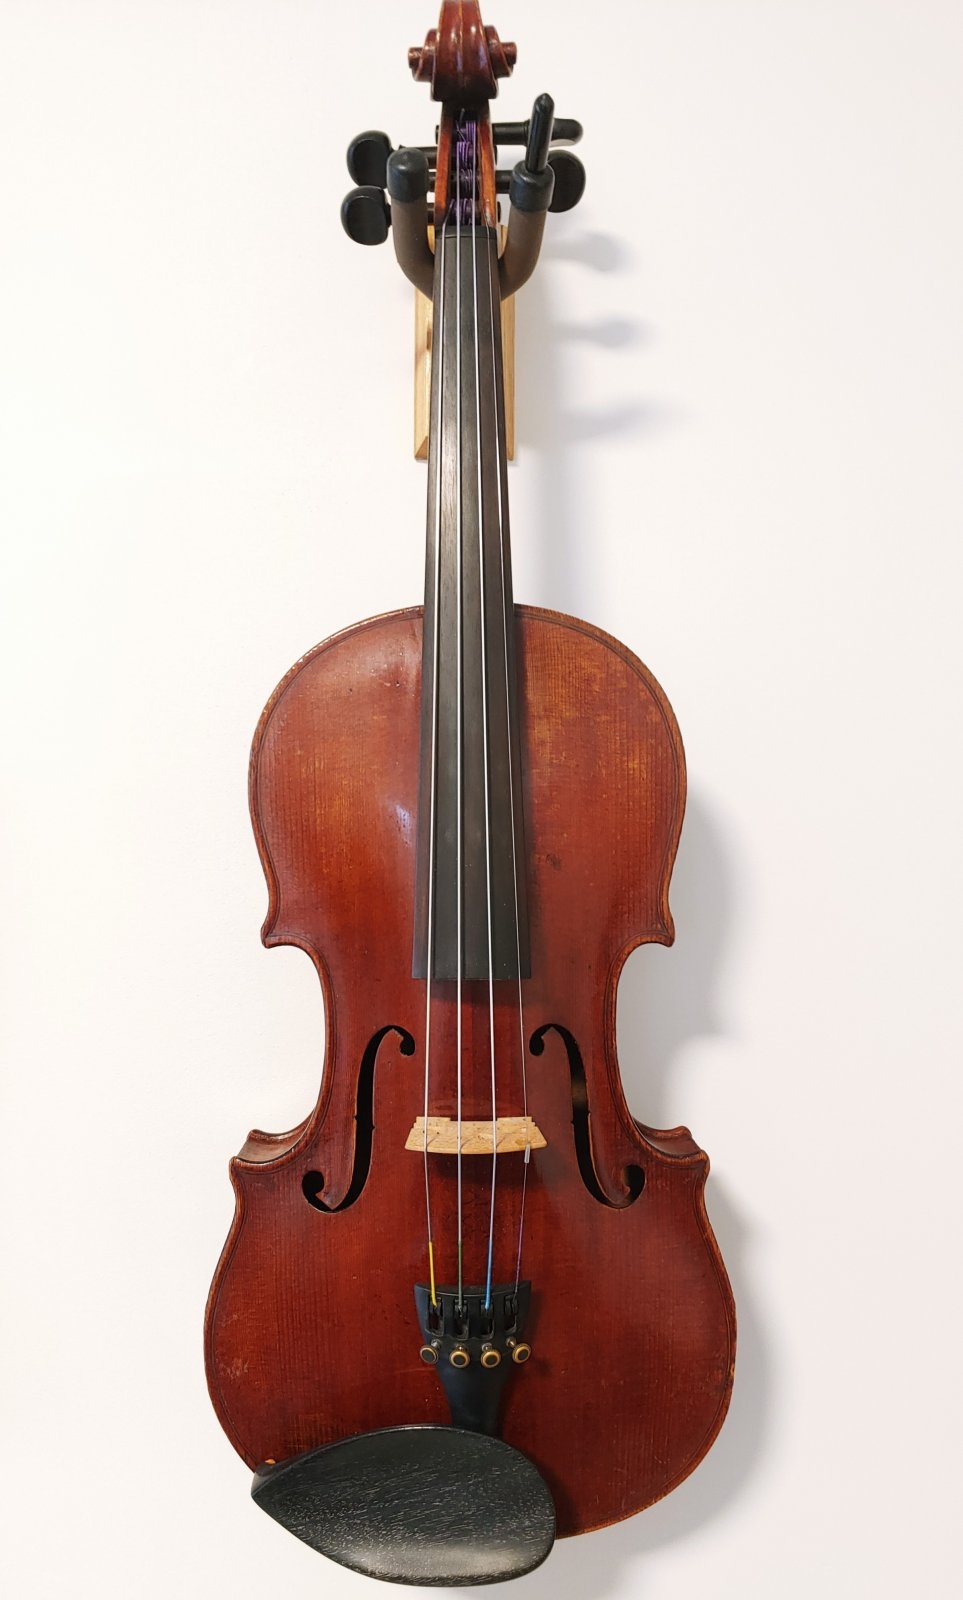 1900s German Violin Gefertigt von Aug. Wunderlich, Markneukirchen